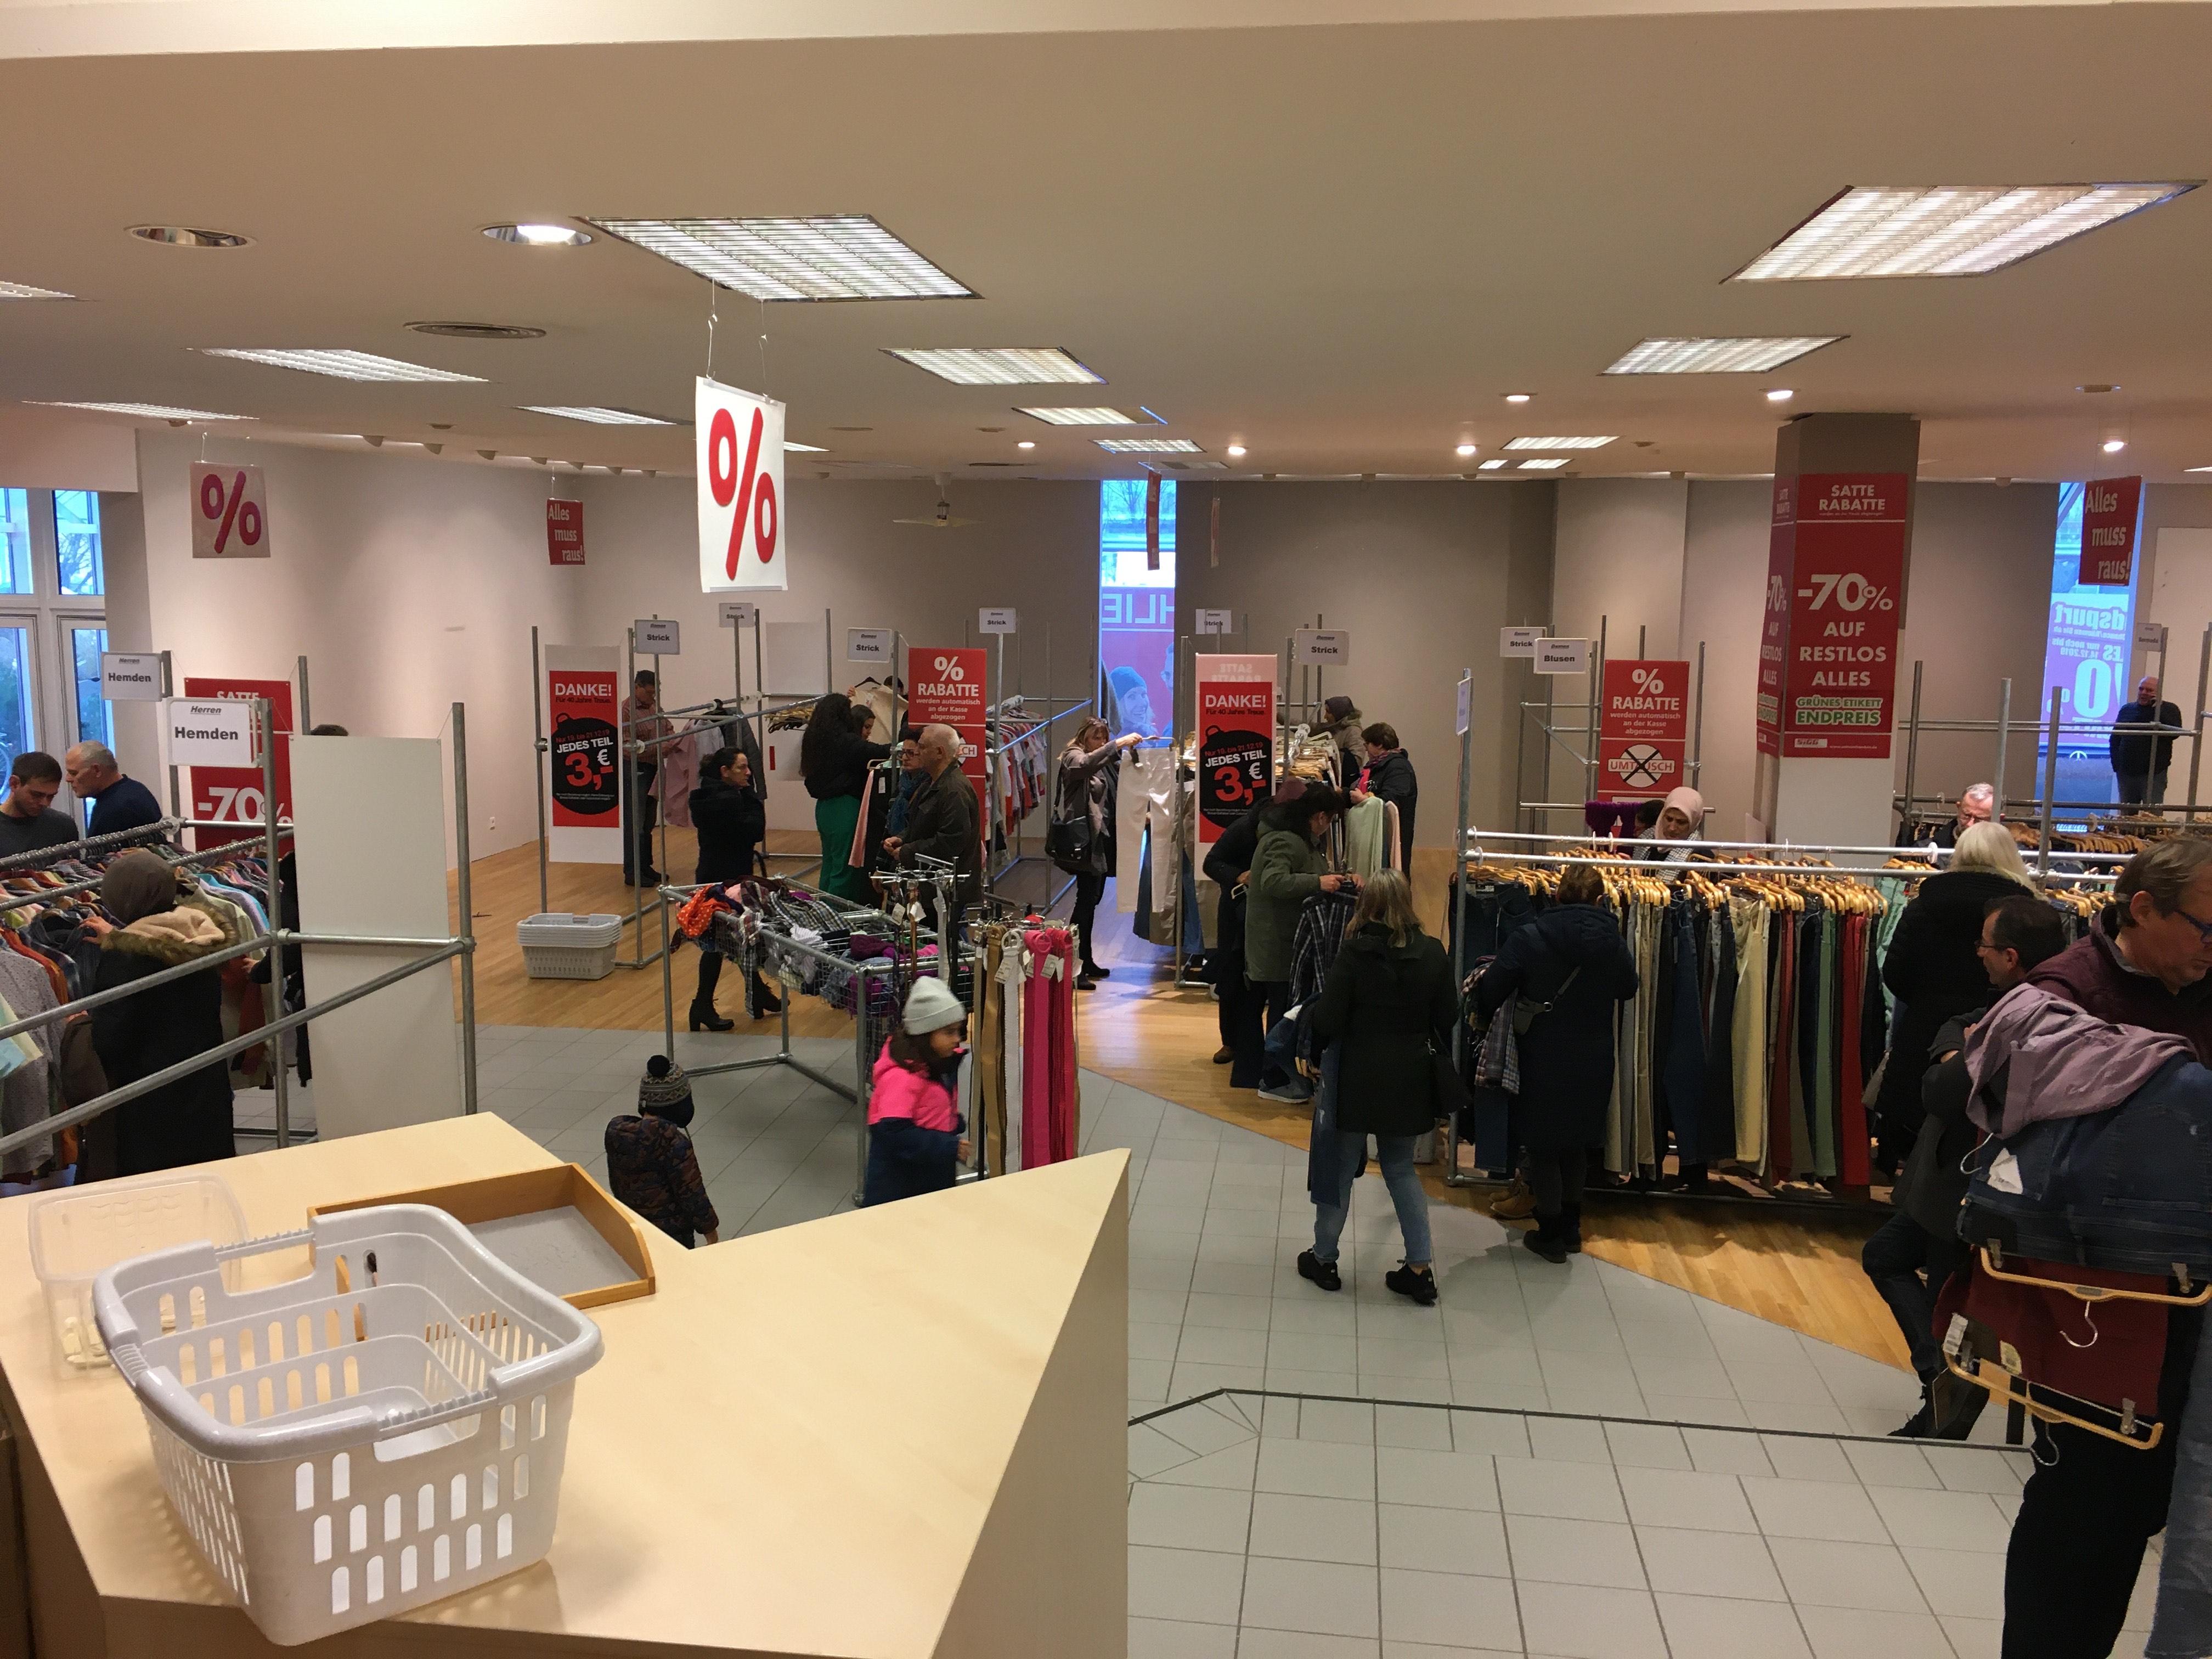 Lokal JOOS Senden 89250 Kleidung Ausverkauf 3€ jedes Teil.